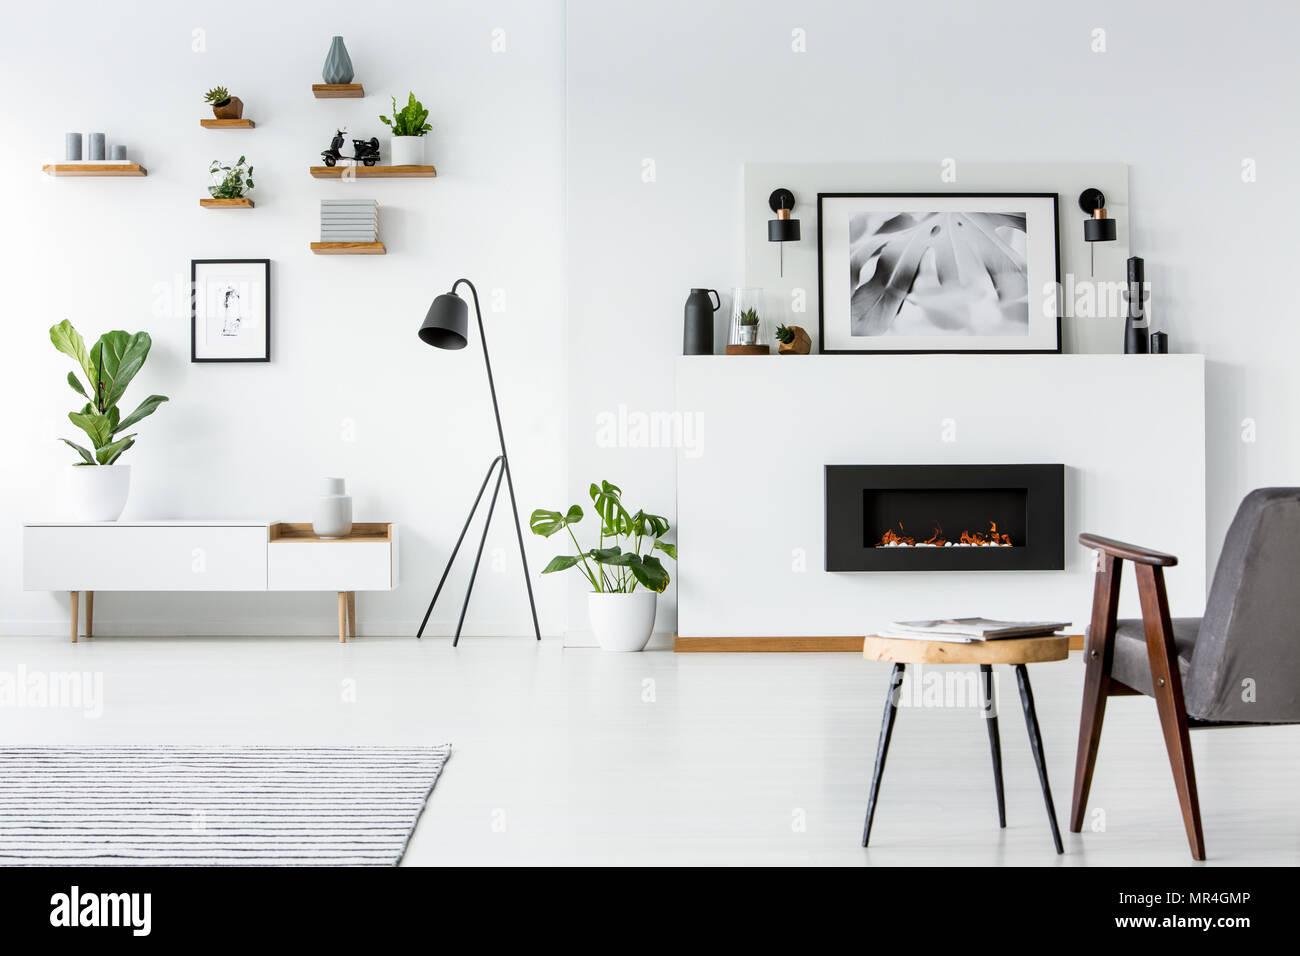 Colori Interni Grigio : Tavolo di legno accanto alla poltrona di colore grigio con interni